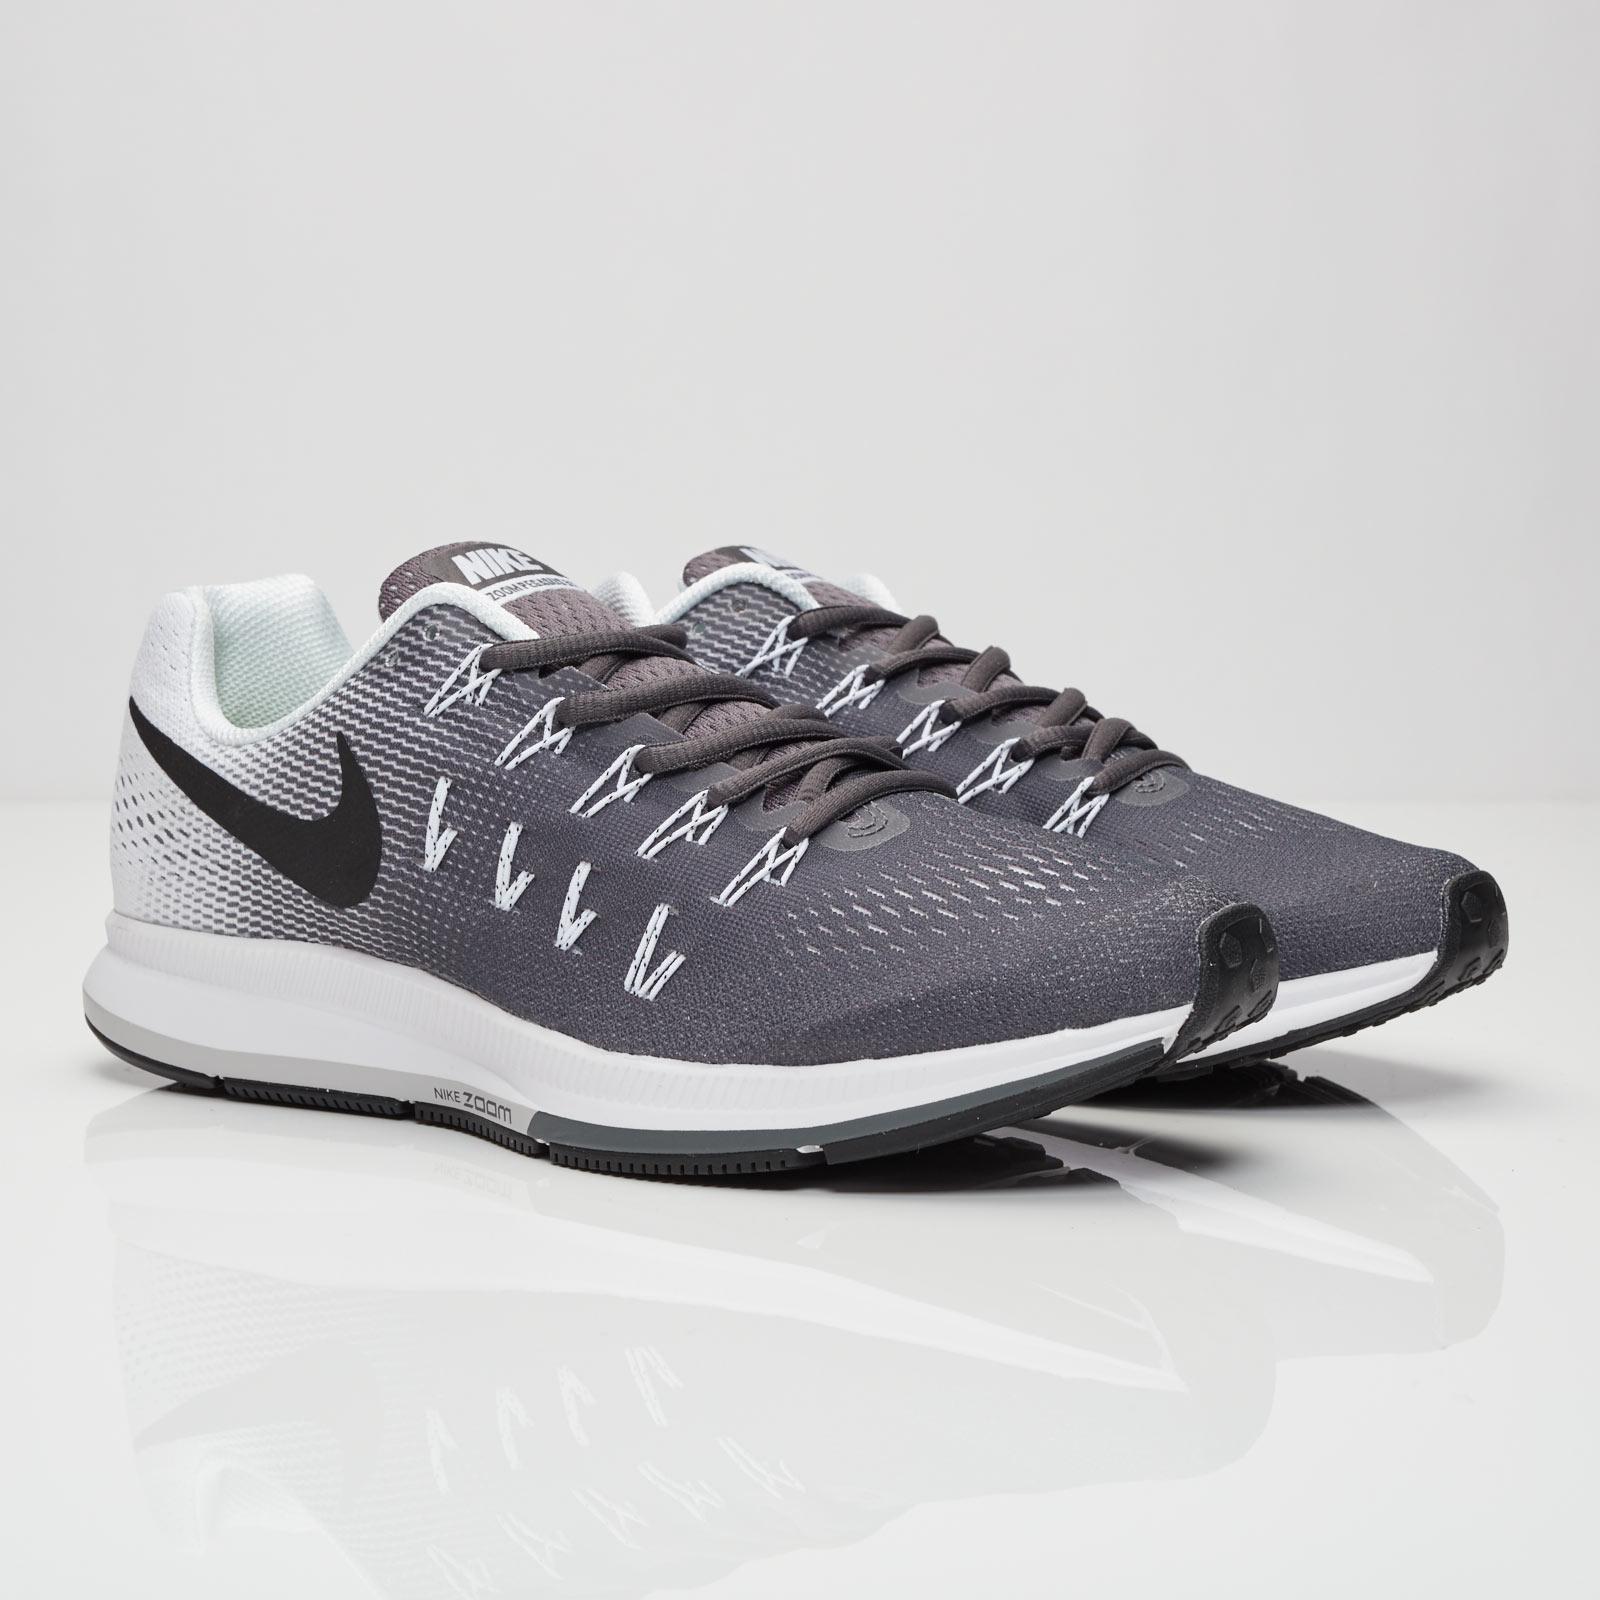 Nike Air Zoom Pegasus 33 831352 002 Sneakersnstuff sneakers